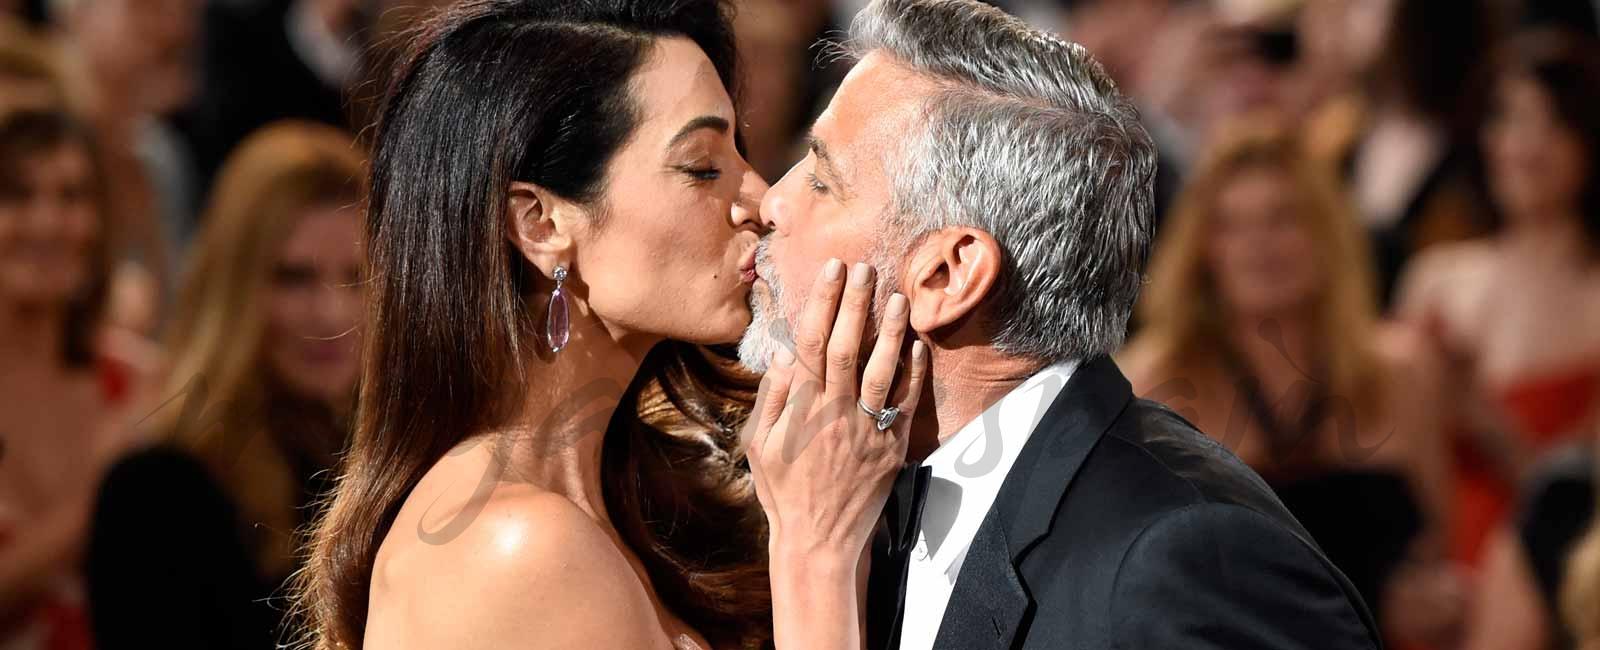 La emoción de George Clooney ante las palabras de amor de su esposa, Amal